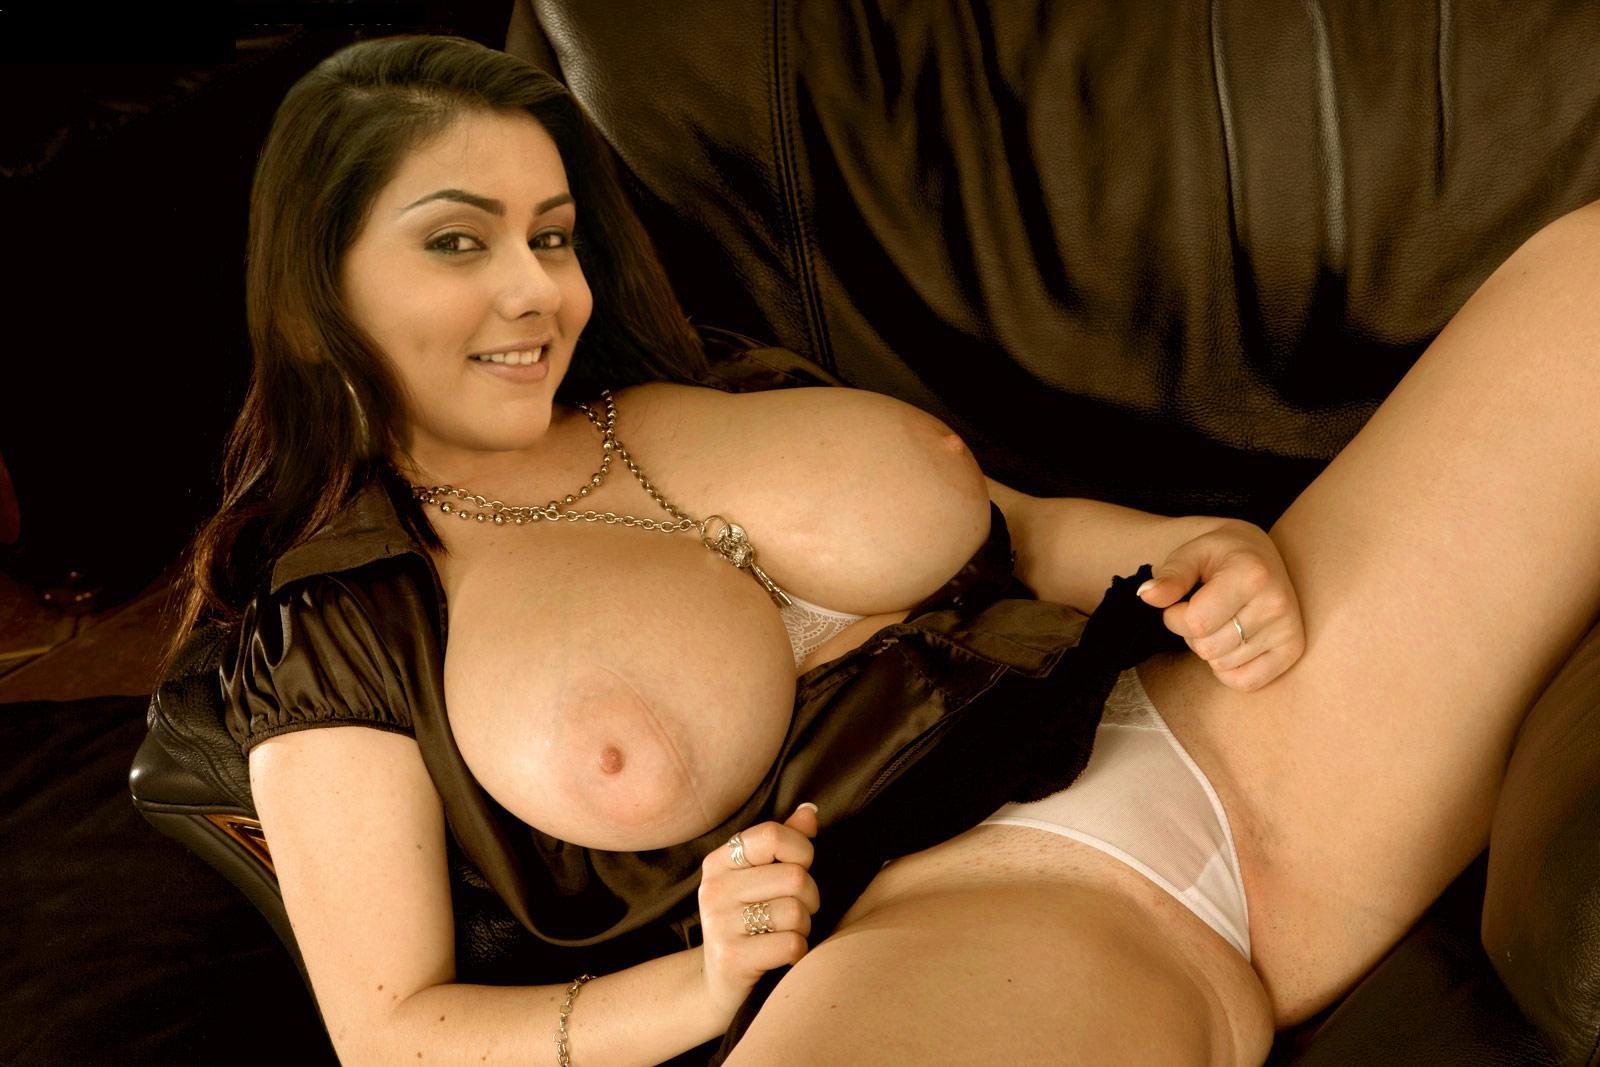 Namitha Nude Naked Big Boobs Xxx Sex Porn Photos 54 Pics-7901